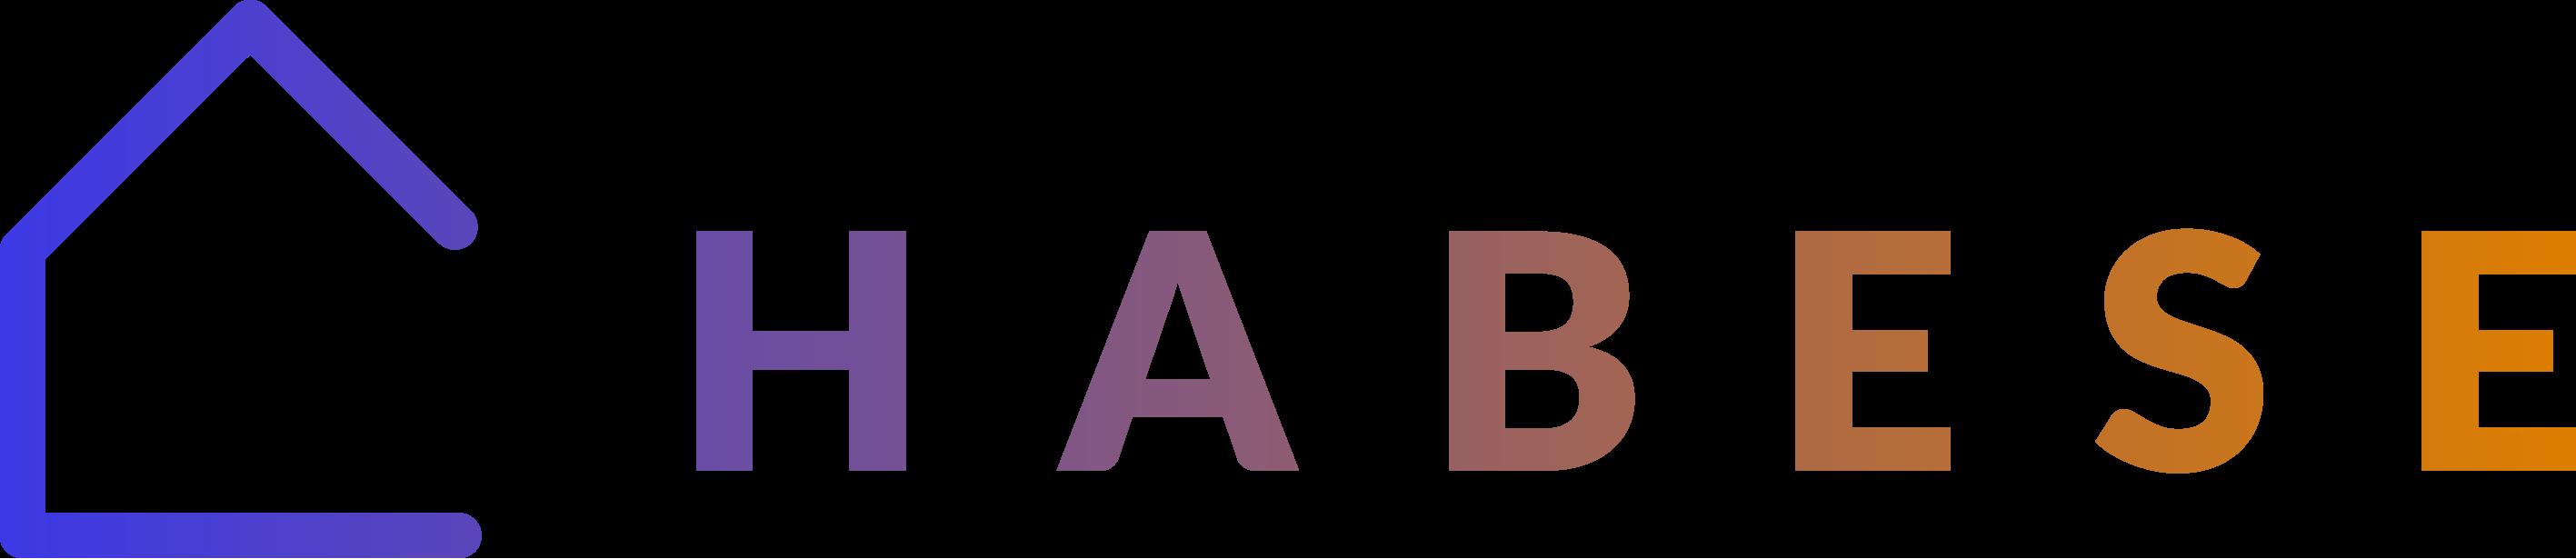 HABESE